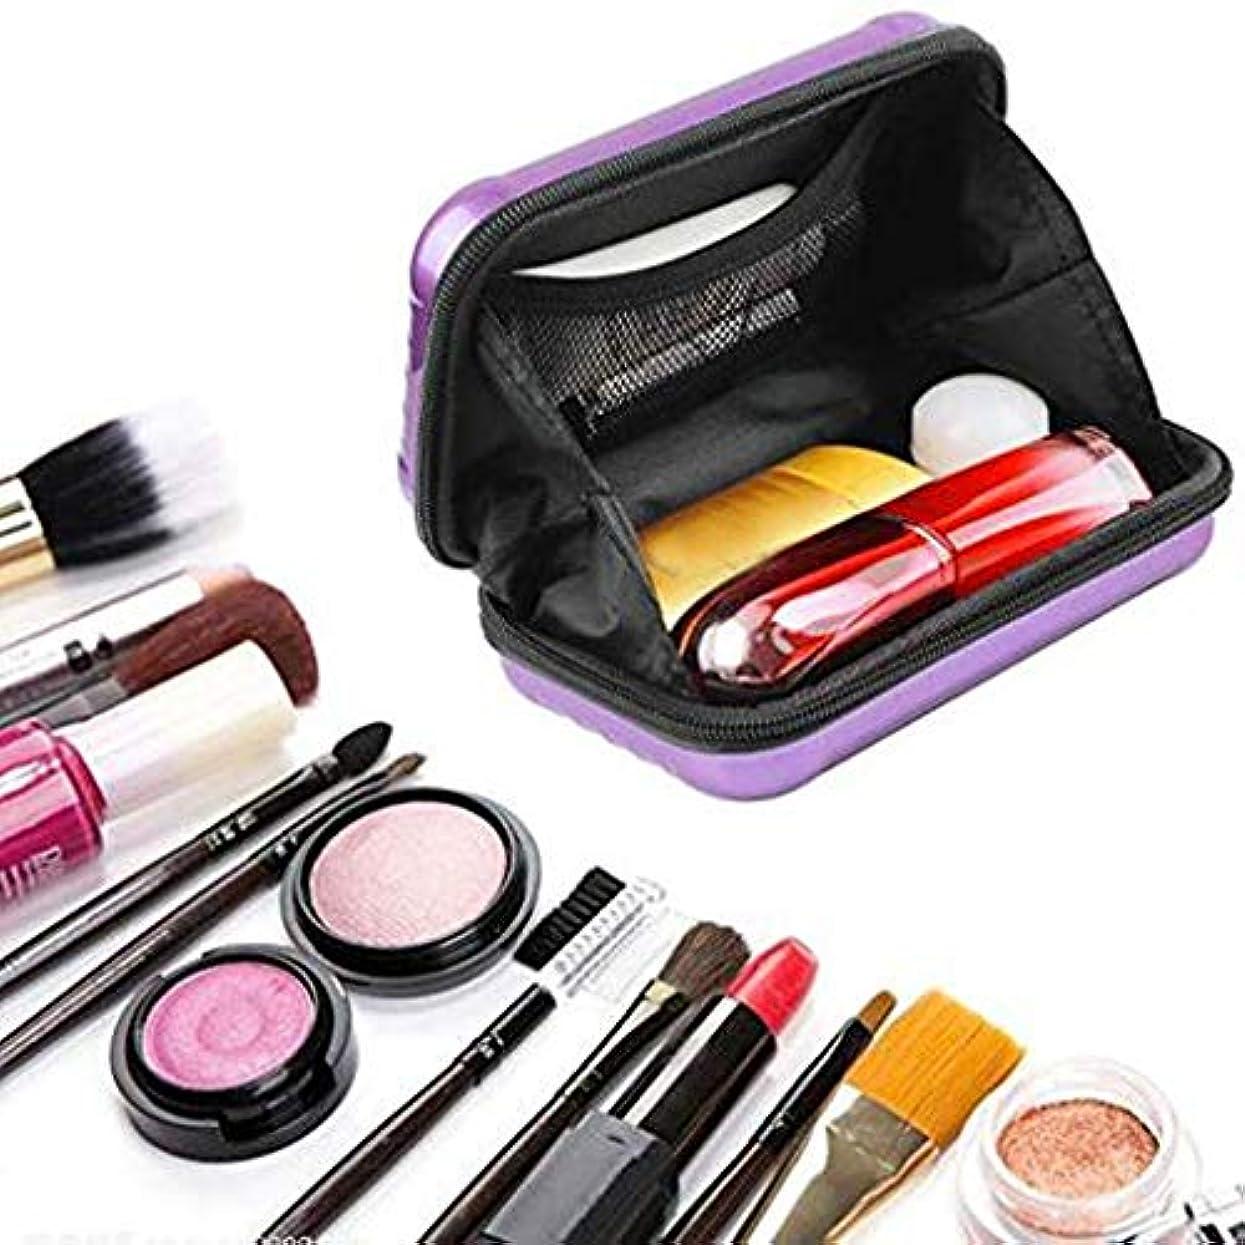 重荷与える換気するミニポータブル旅行化粧品バッグ、女性のための防水/クラッシュ防止化粧バッグ、スーツケース化粧品ハンドバッグ (黄)